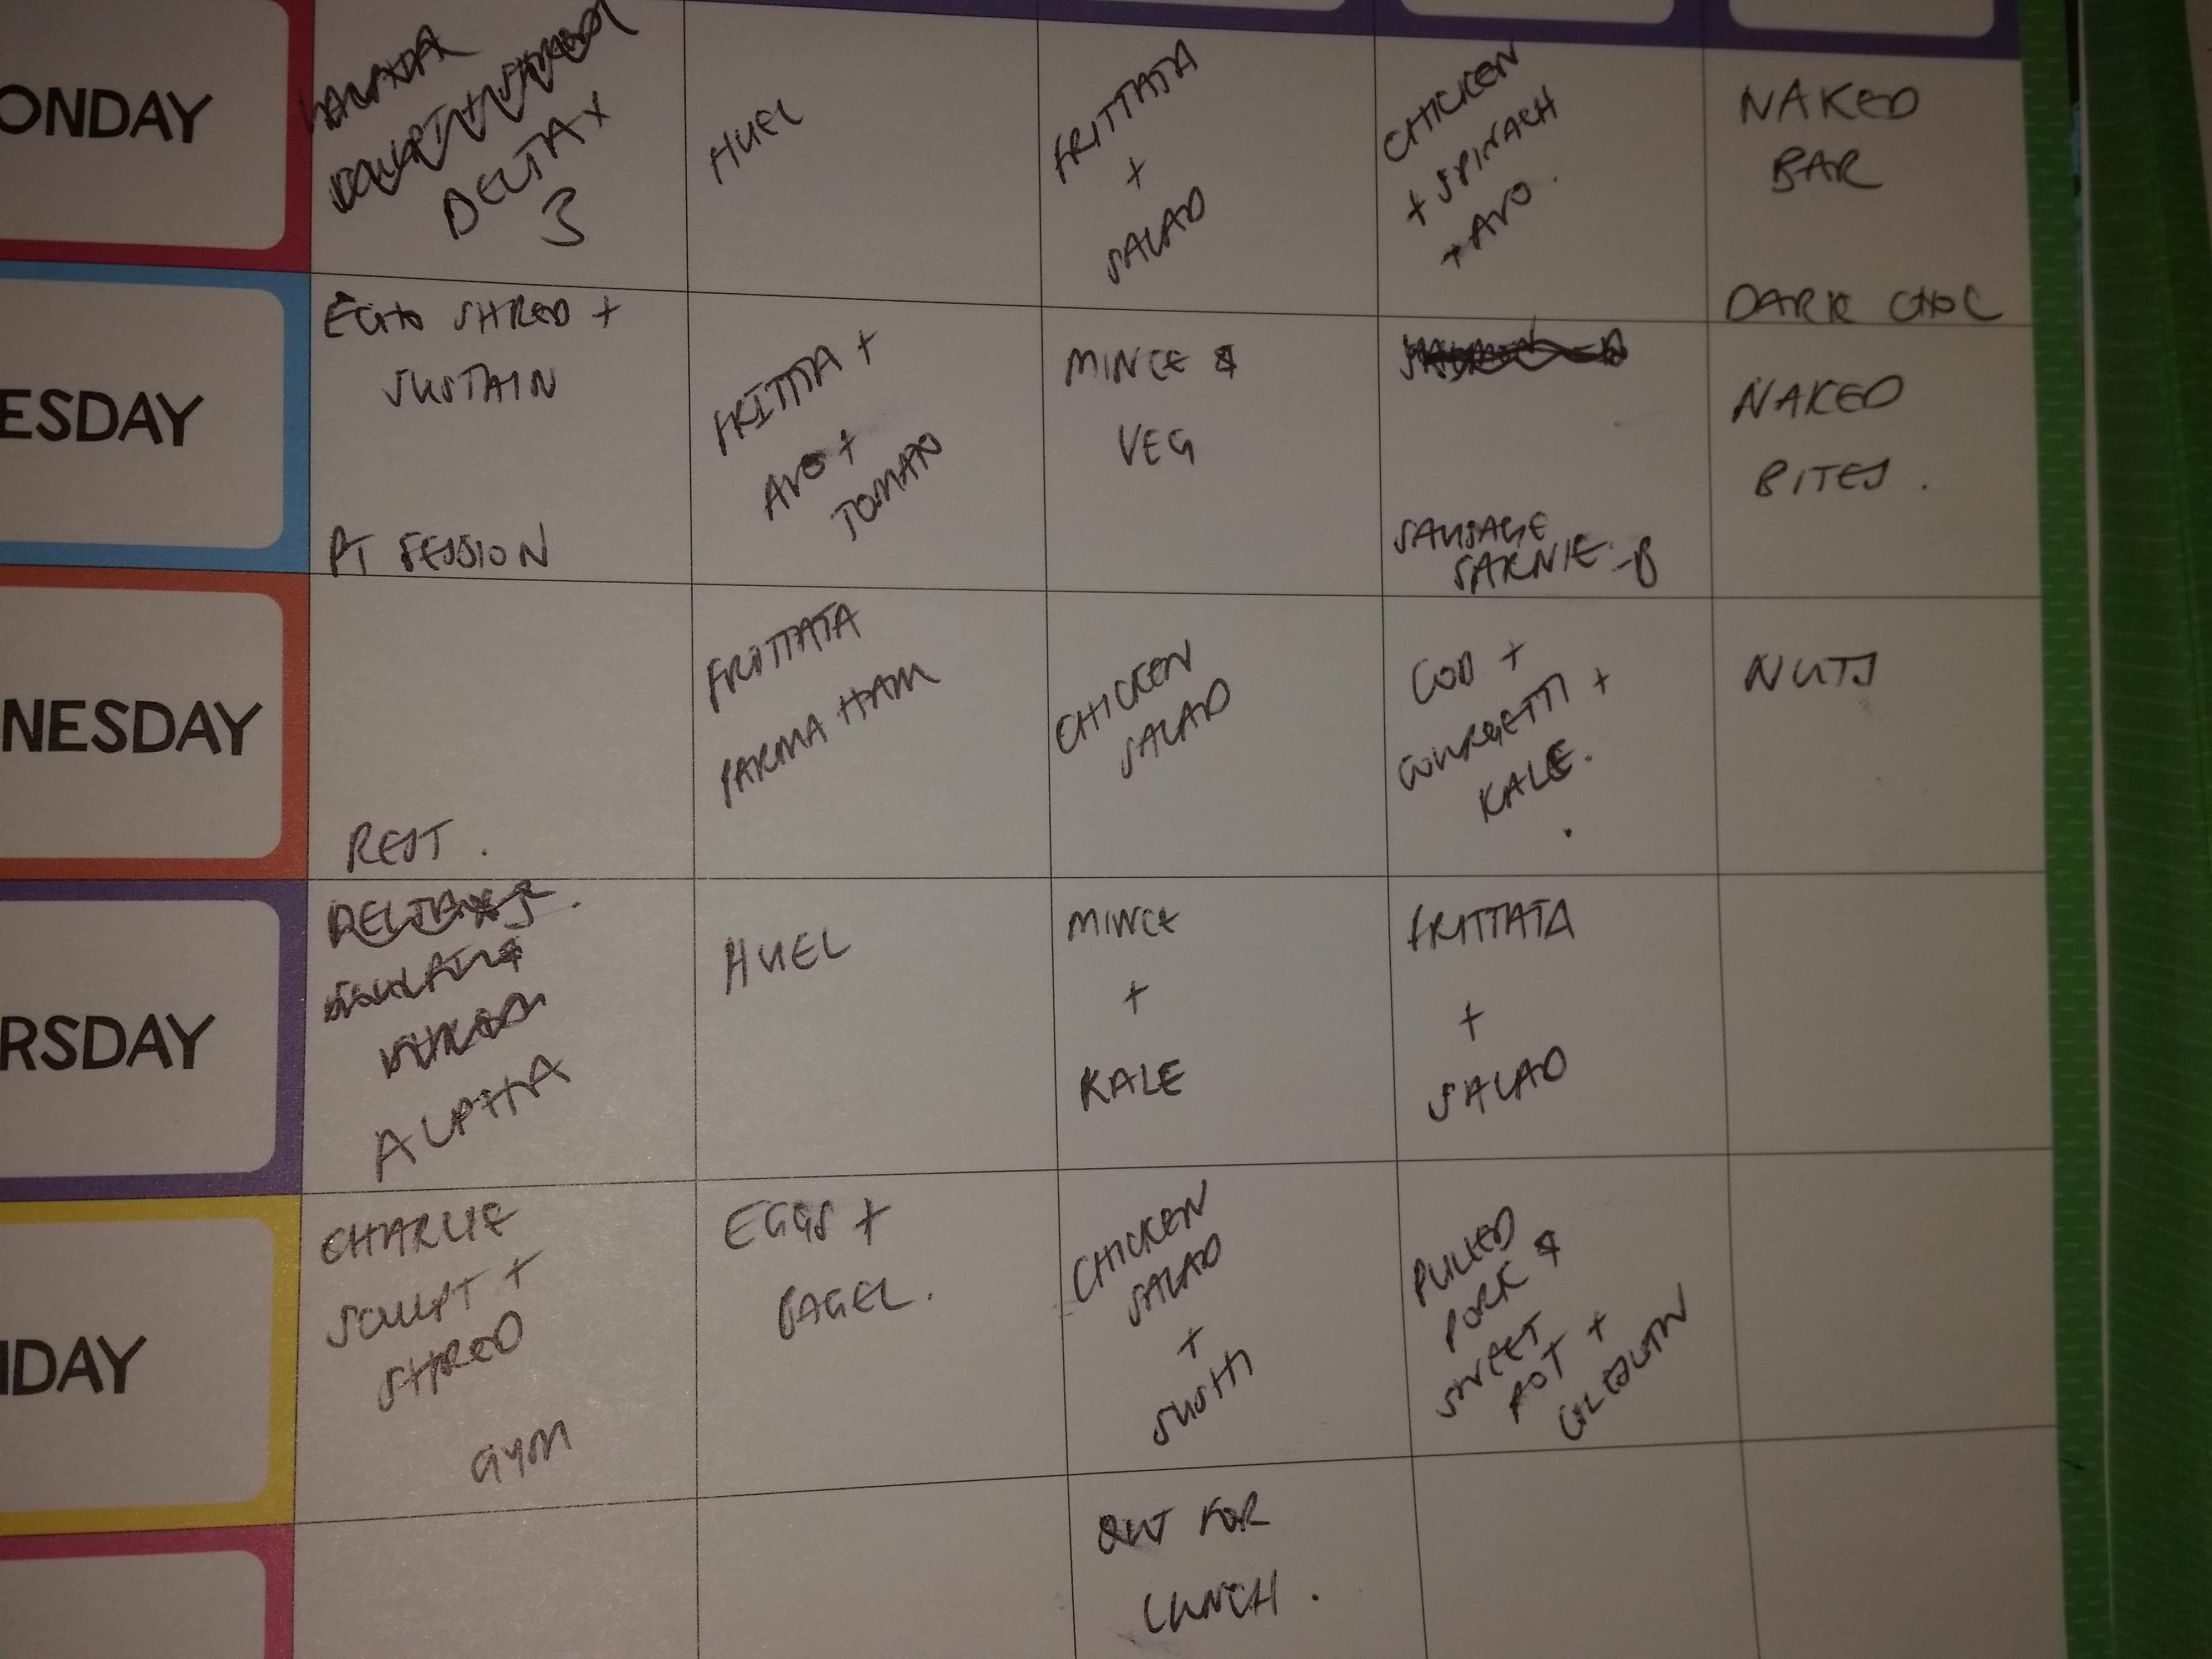 90 day diet plan